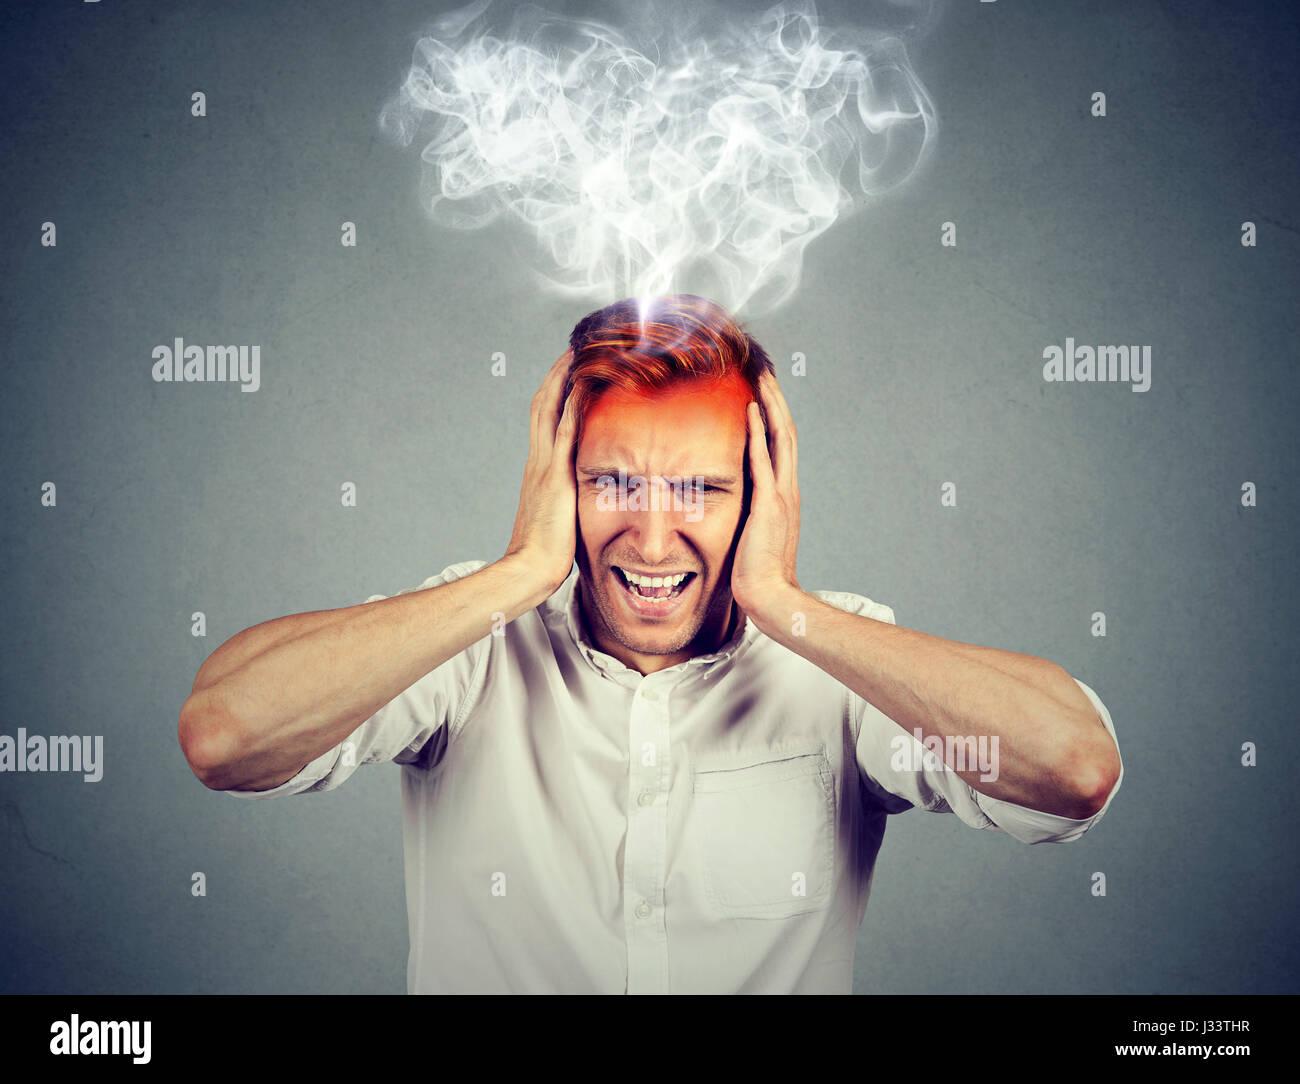 Porträt junge gestressten Mann schreien frustriert überwältigt beschlagen kommen aus der Kopf auf Stockbild